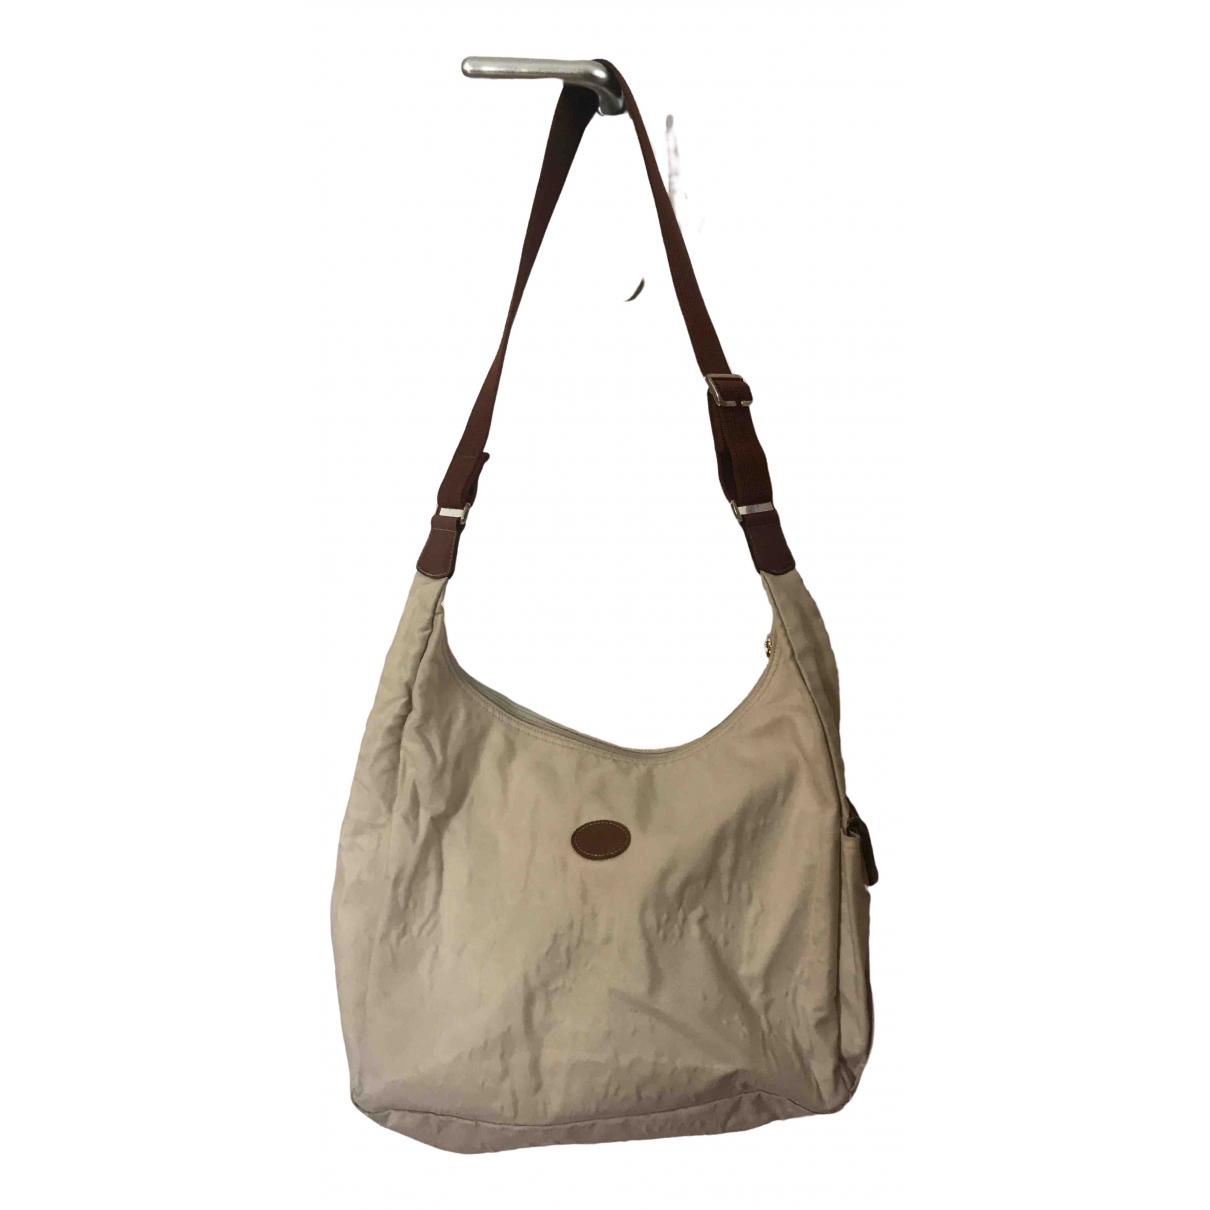 Longchamp \N Handtasche in  Beige Leinen